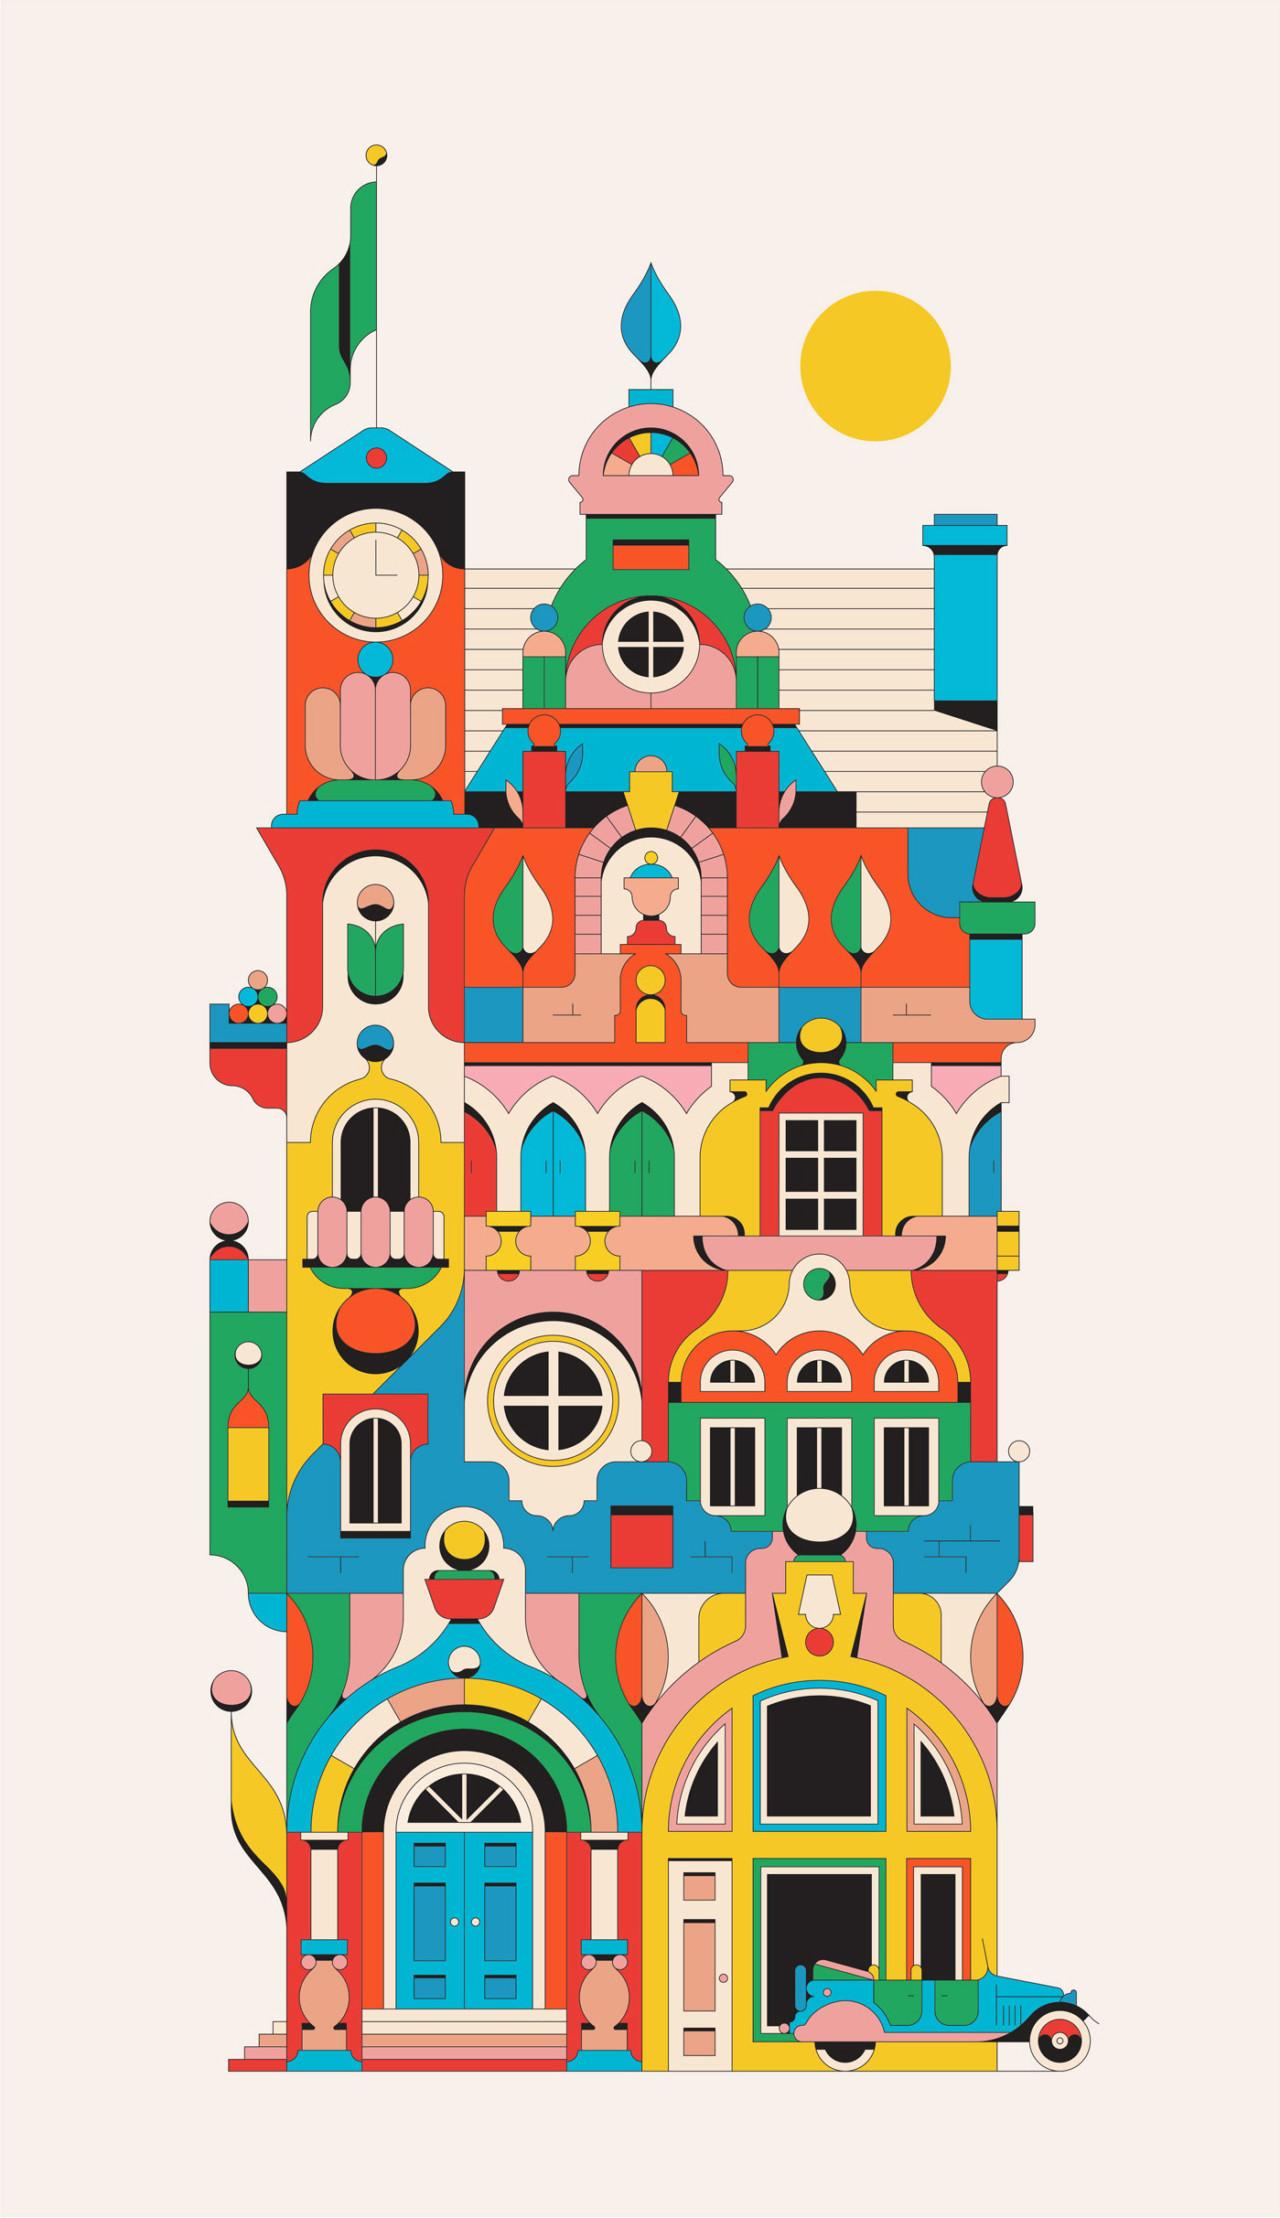 Красочный мир Келвина Спрэга американский, основными, портрет, женщины, окруженный, множеством, сверкающих, Экспериментируя, линиями, высоких, формами, находит, гармонию, преодолевая, разрыв, между, структурой, растений, среди, иллюстратор